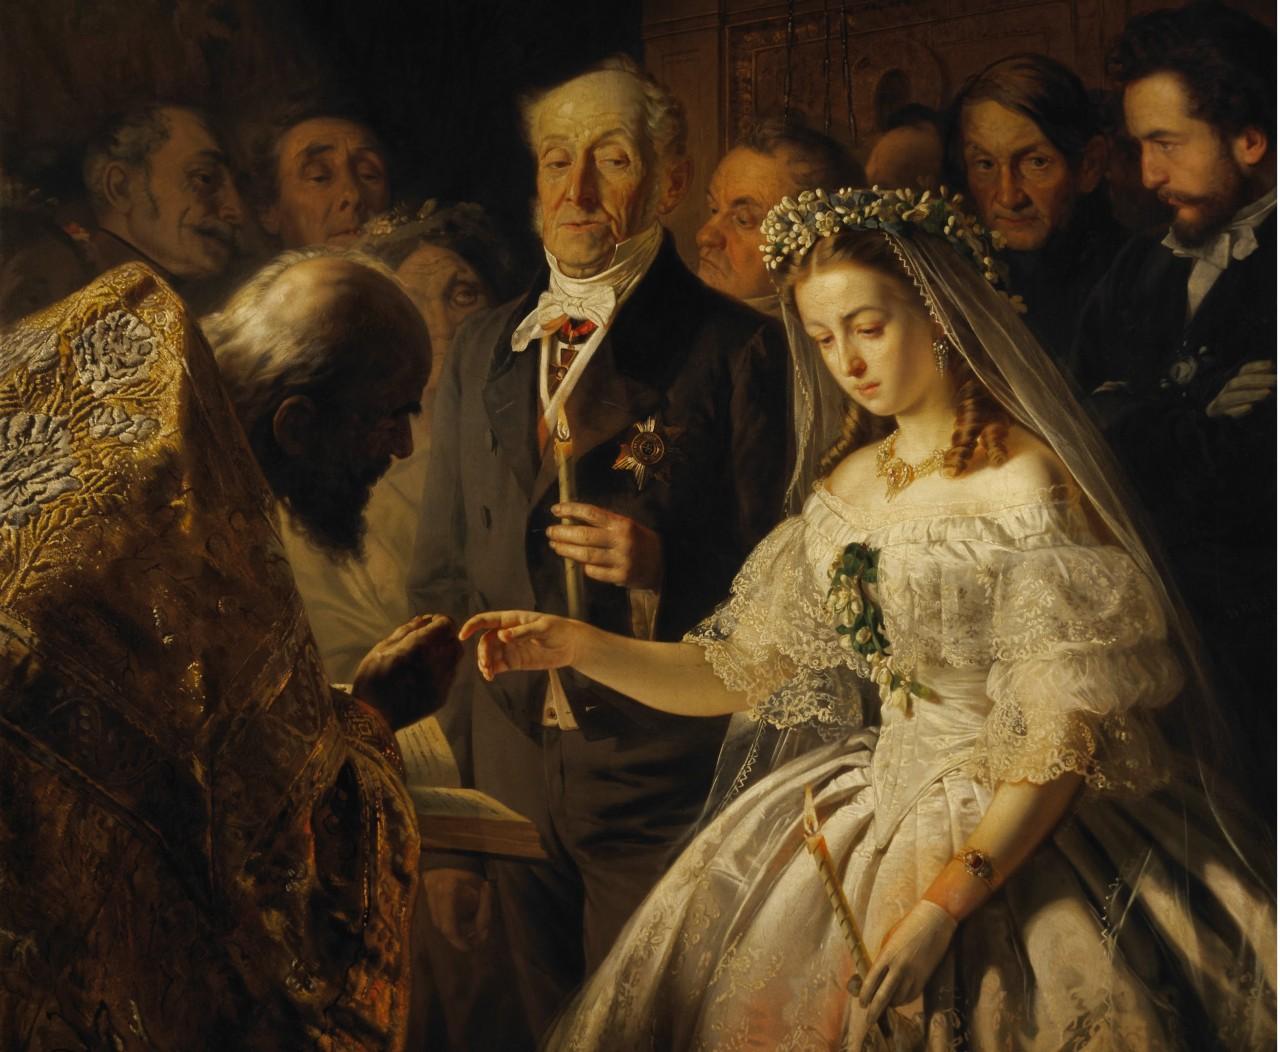 Какой должна быть разница в возрасте между супругами: мнение церкви